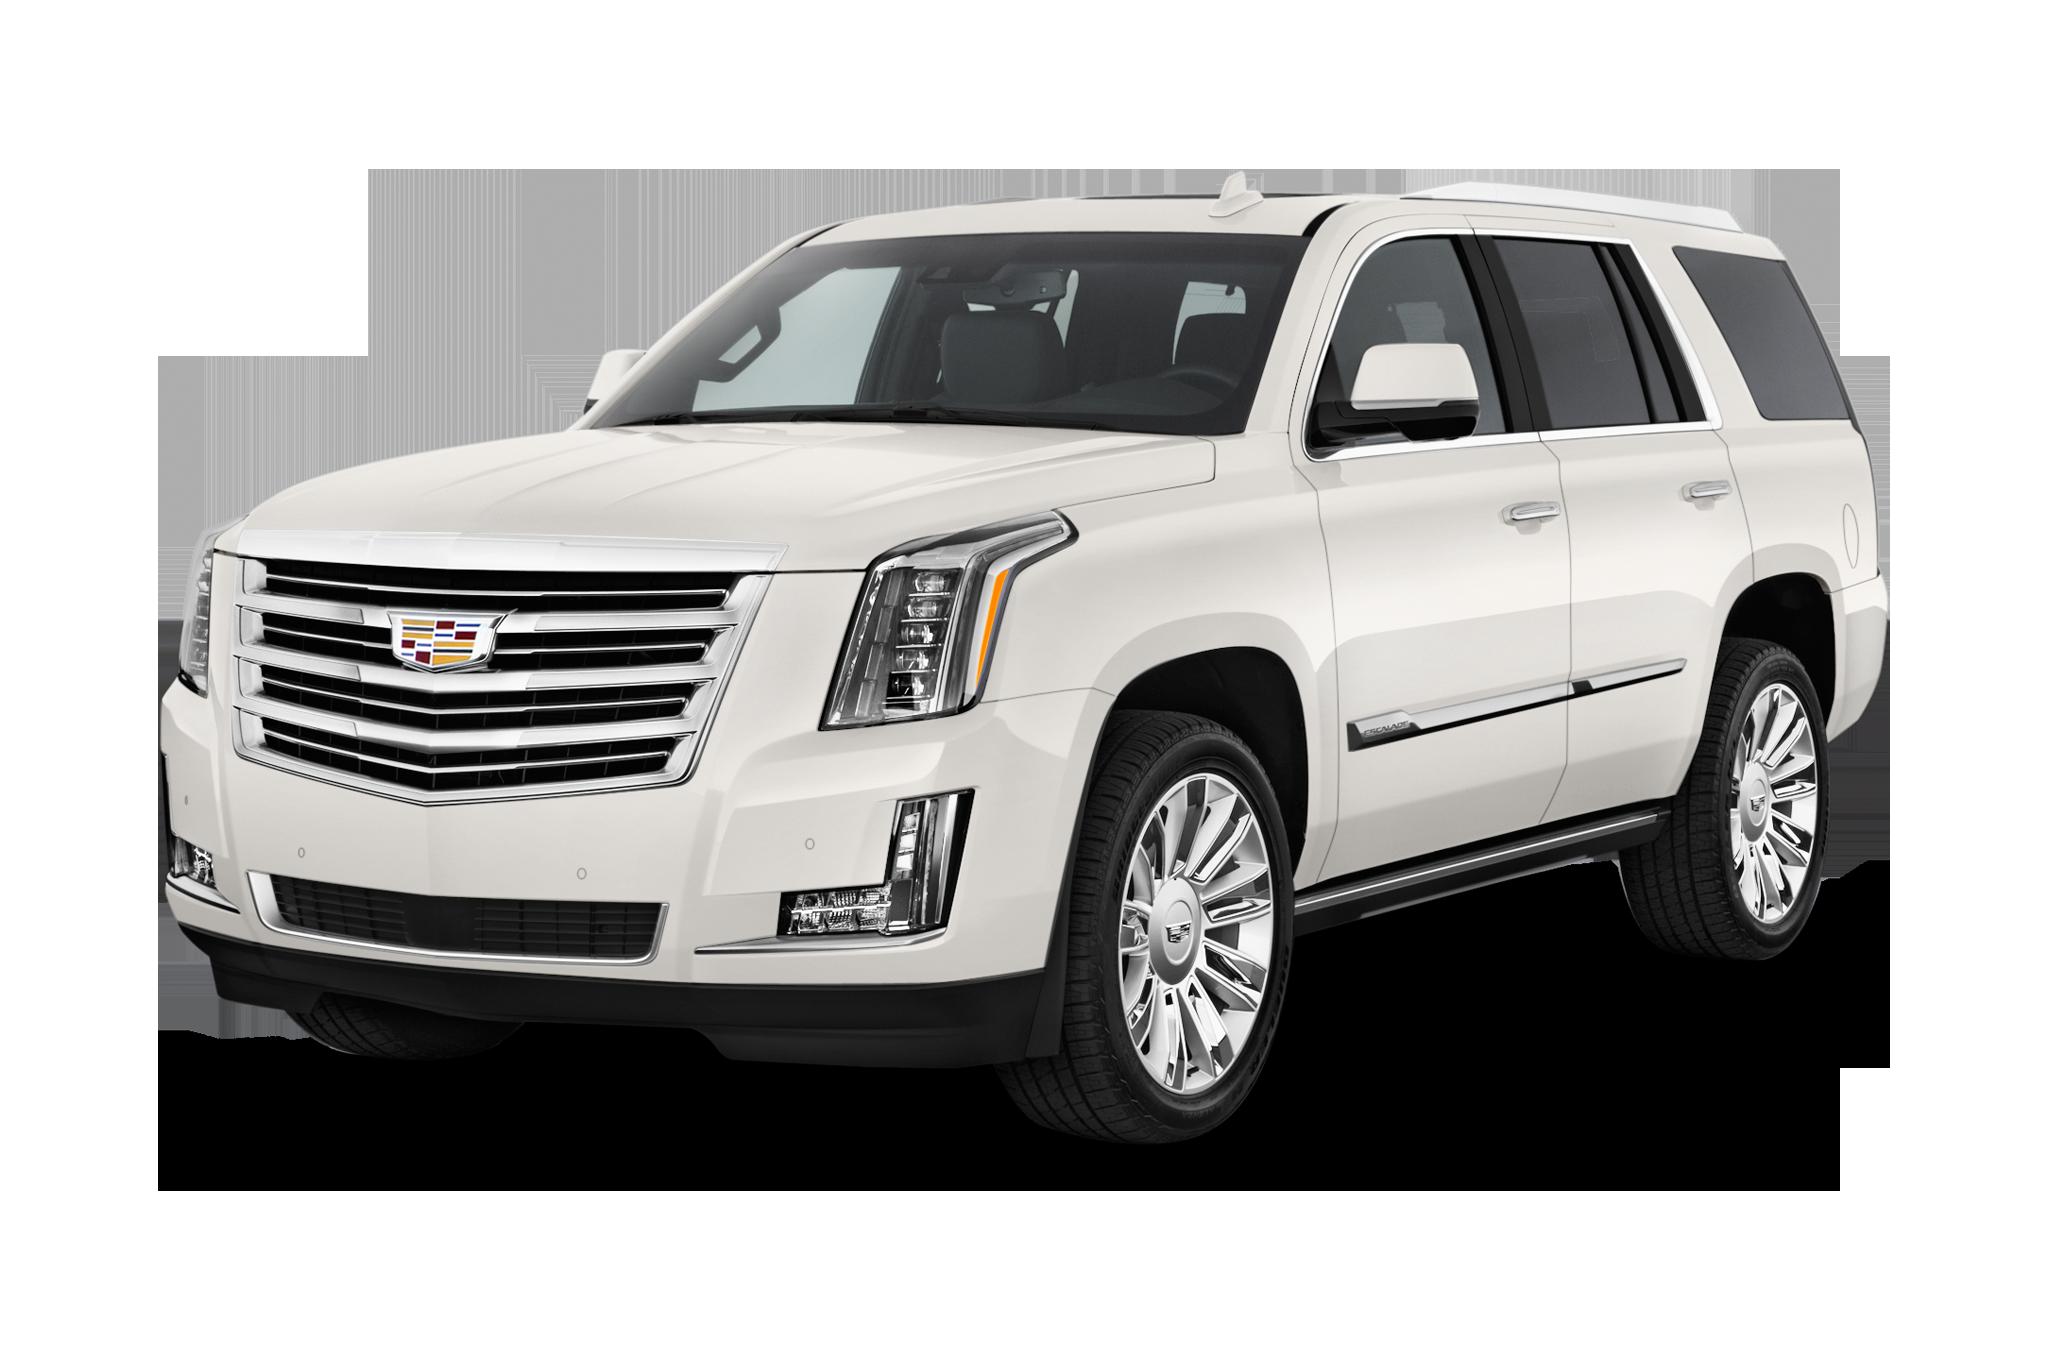 2020 Cadillac Escalade To See A $10,000 Price Increase  |2020 Cadillac Escalade Platinum